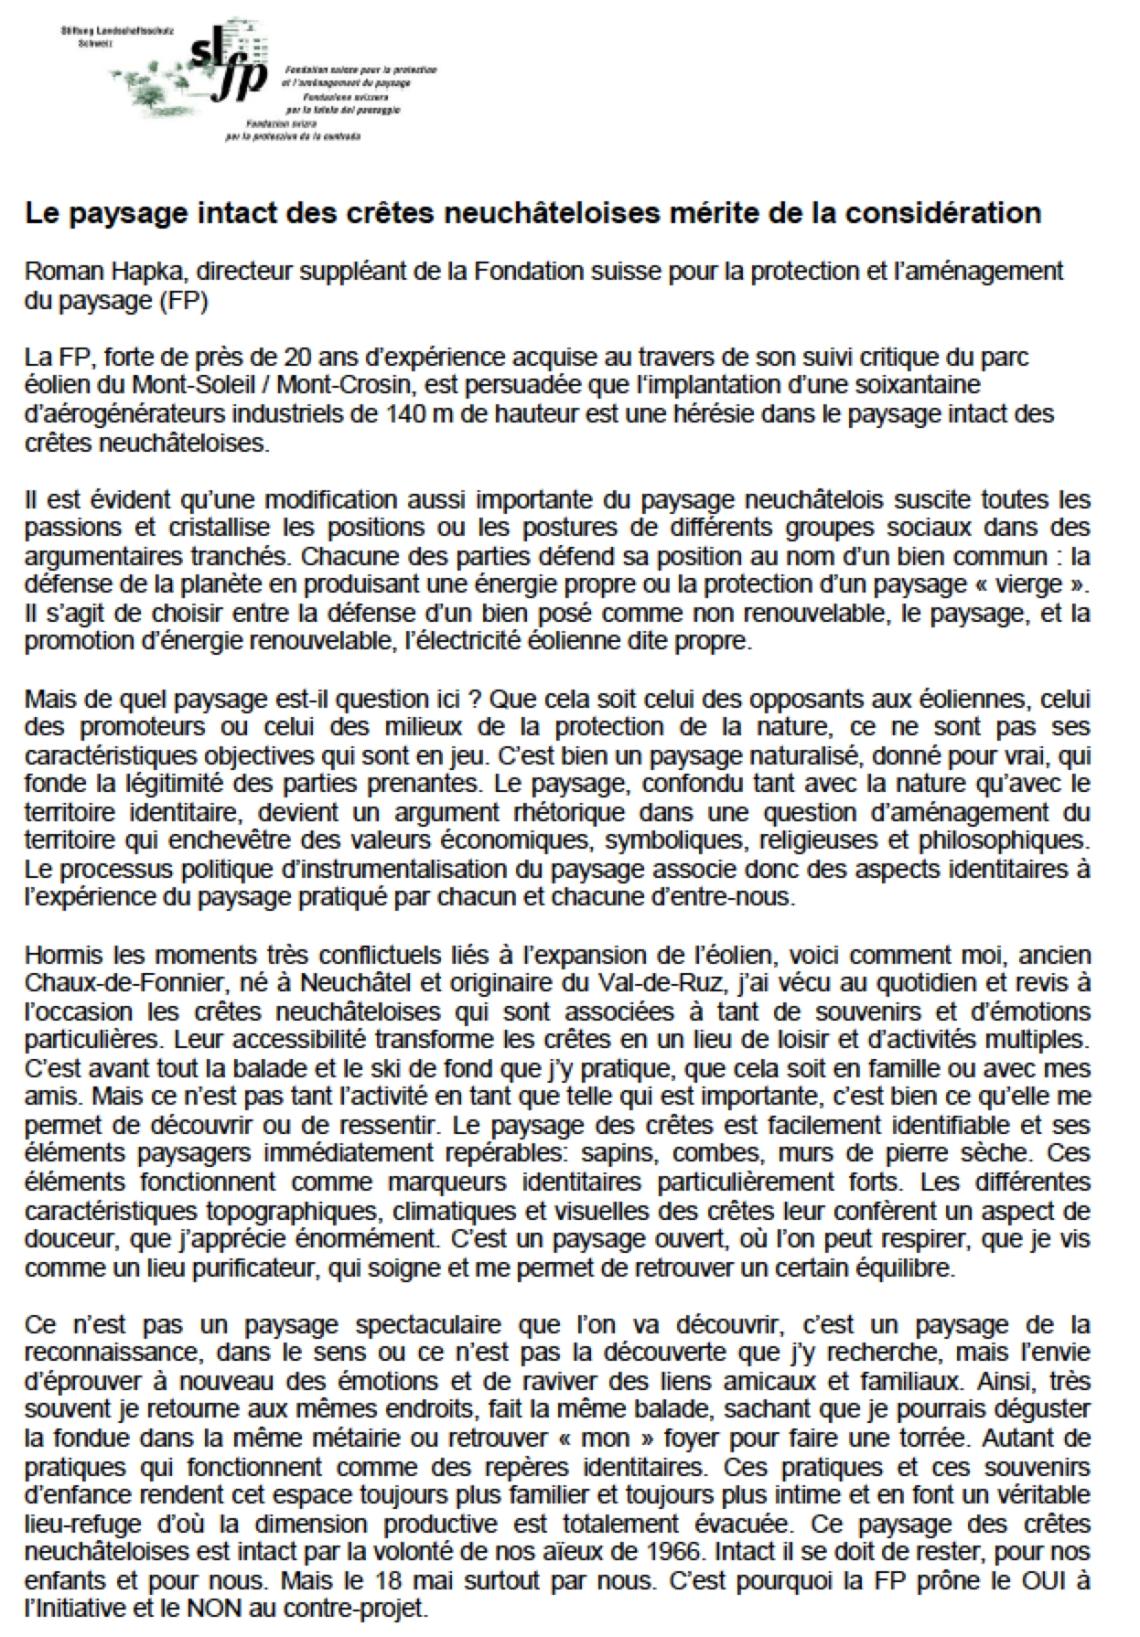 Fondation suisse pour la protection du paysage Roman Hapka